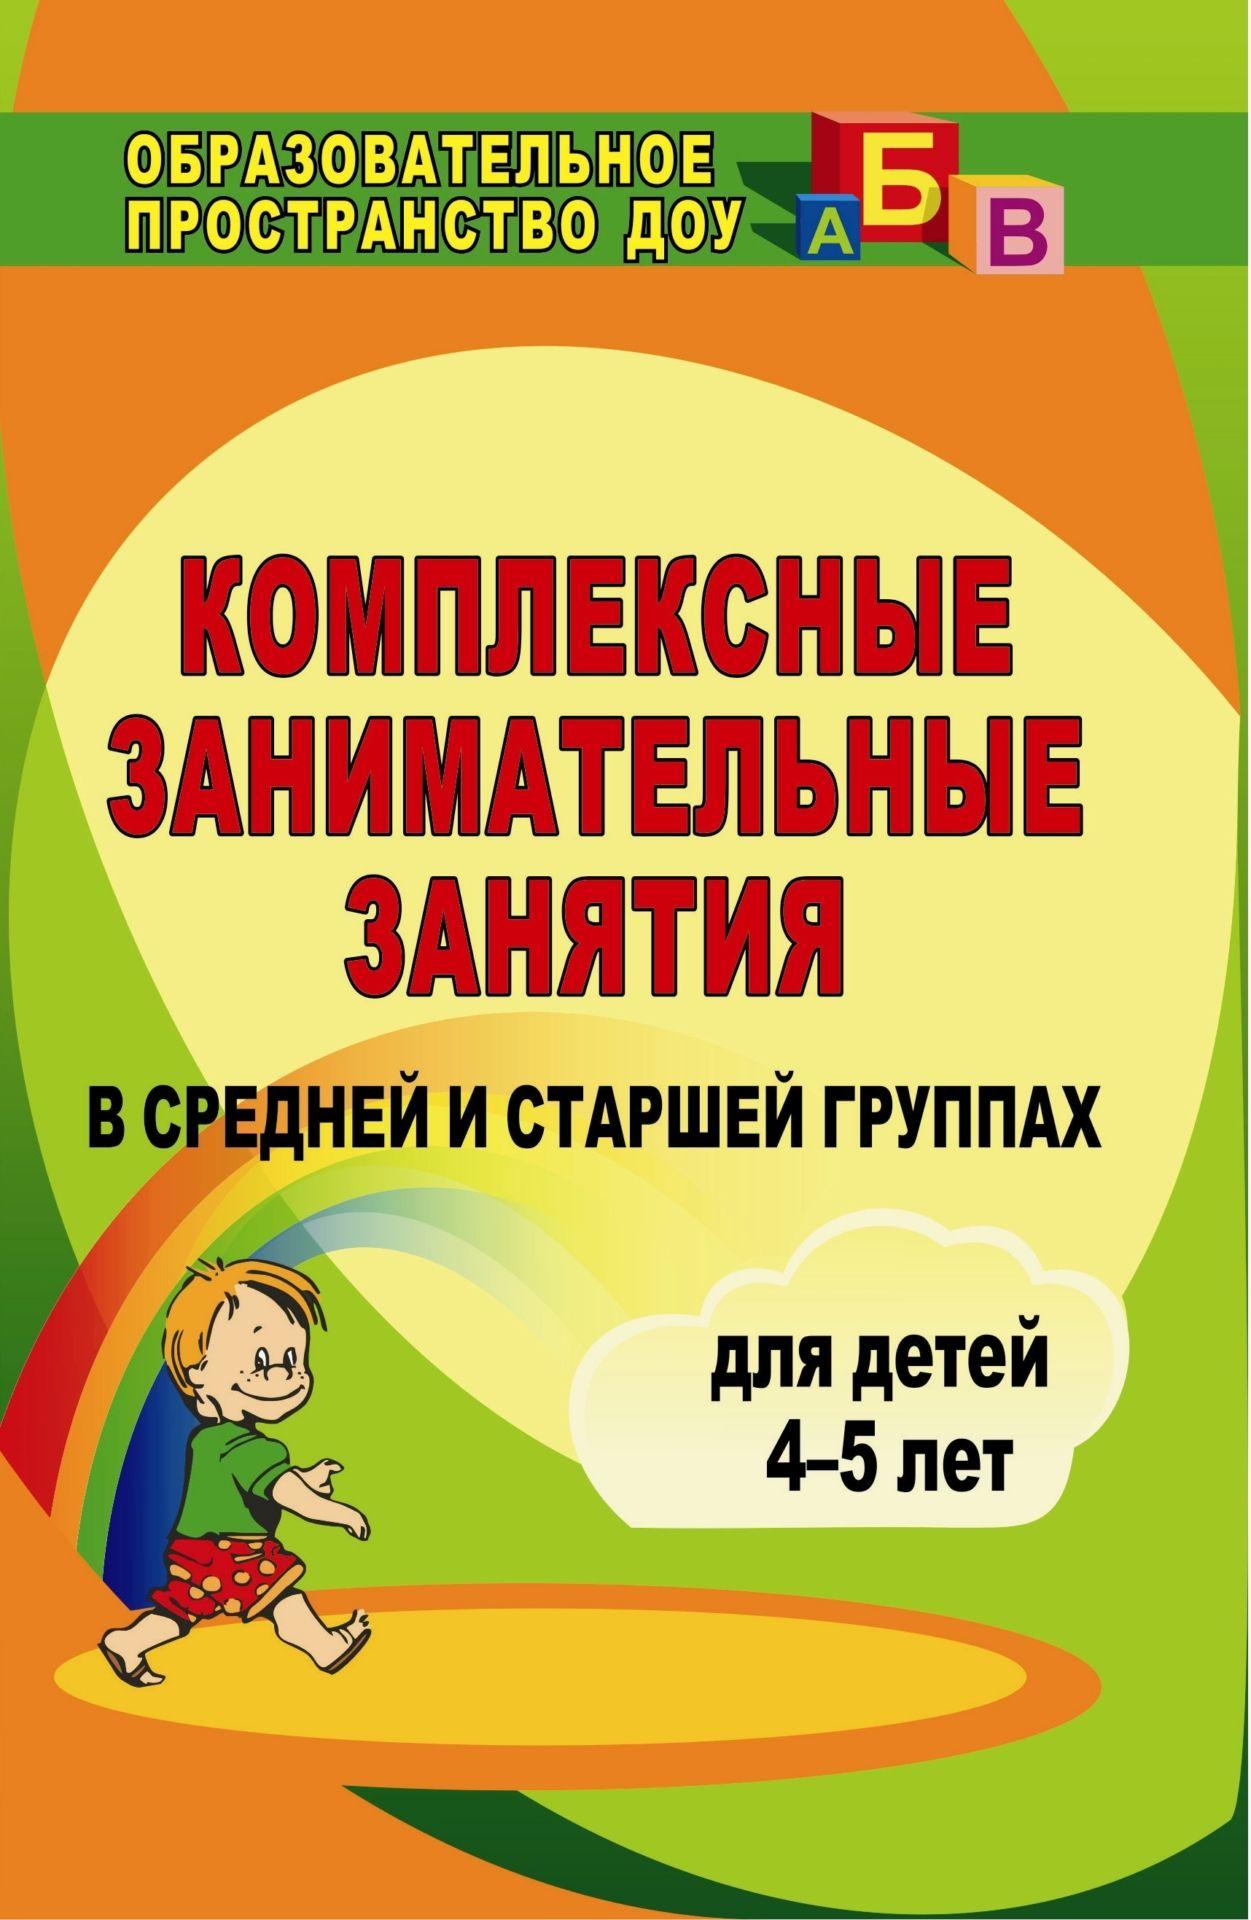 Комплексные занимательные занятия в средней и старшей группахВоспитателю ДОО<br>В пособии представлены комплексные занимательные занятия для детей средних и старших групп ДОУ. Предлагаемые дидактические и познавательные игры, занимательные упражнения предназначены для обучения детей математике, продуктивной деятельности, ознакомления...<br><br>Авторы: Вакуленко Ю. А.<br>Год: 2009<br>Серия: Образовательное пространство ДОО<br>ISBN: 978-5-7057-1719-4<br>Высота: 213<br>Ширина: 138<br>Толщина: 10